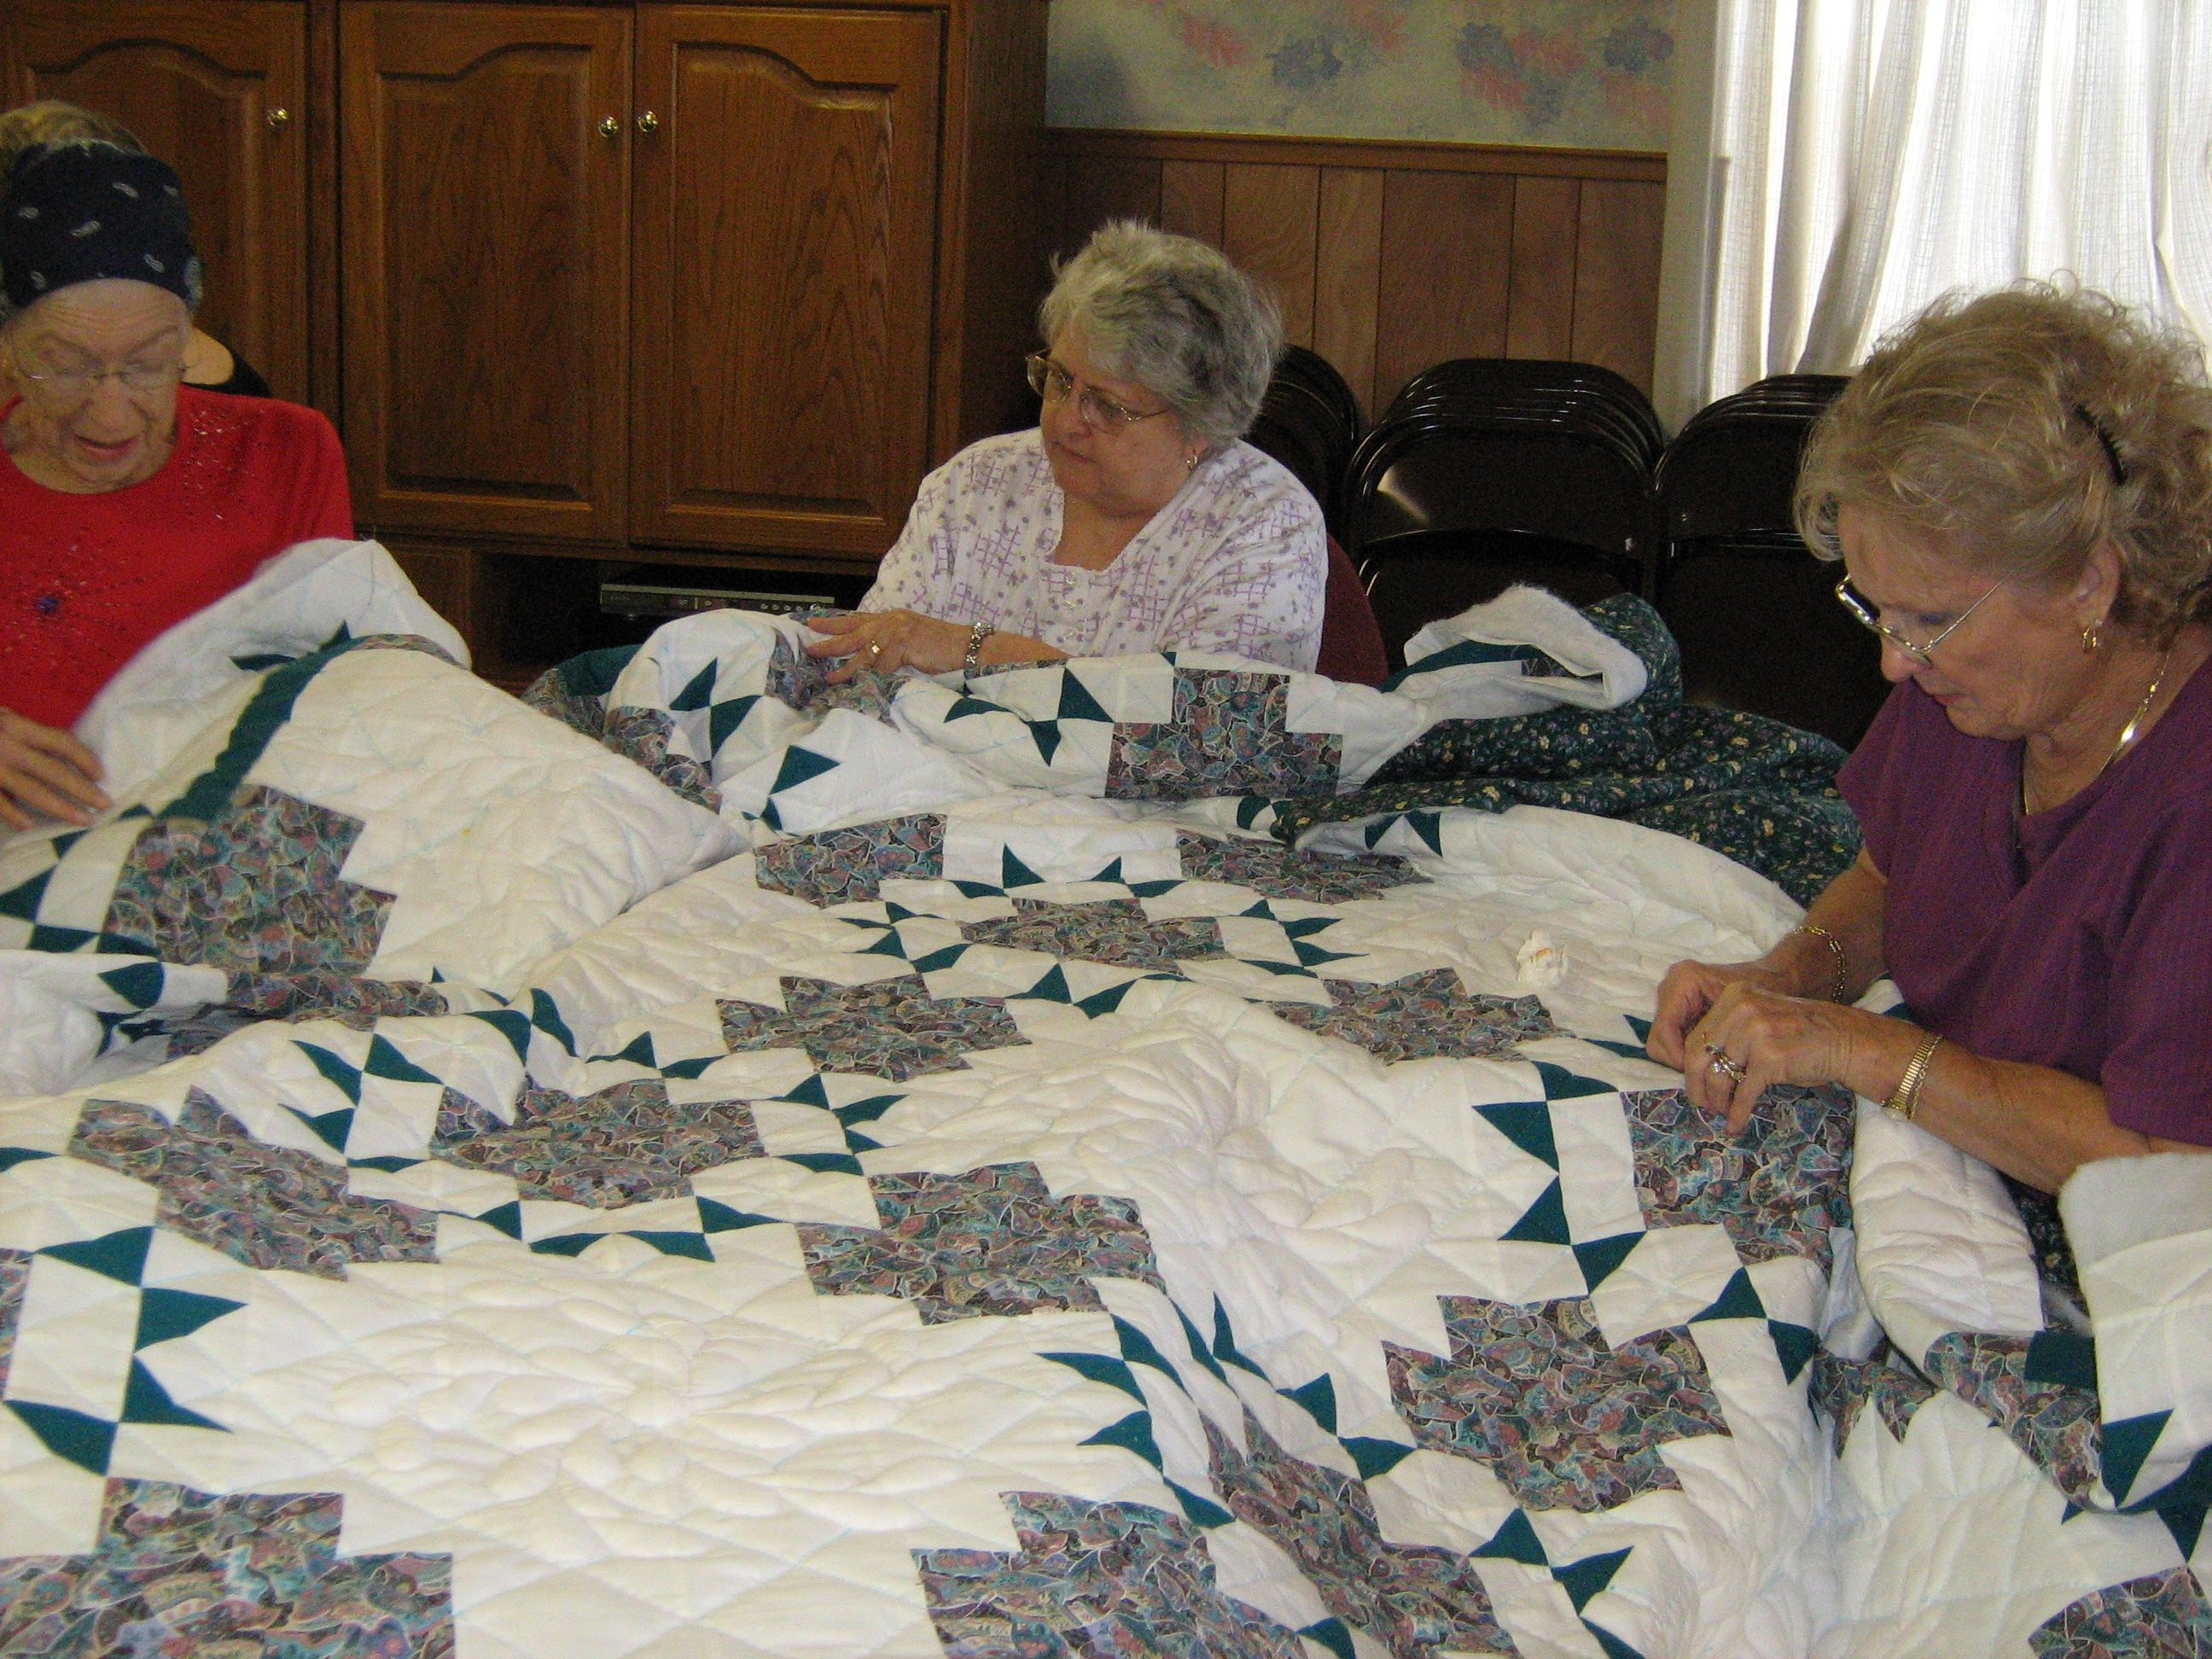 beautiful handmade quilts - Google Search   Craft Ideas ... : quilt handmade - Adamdwight.com